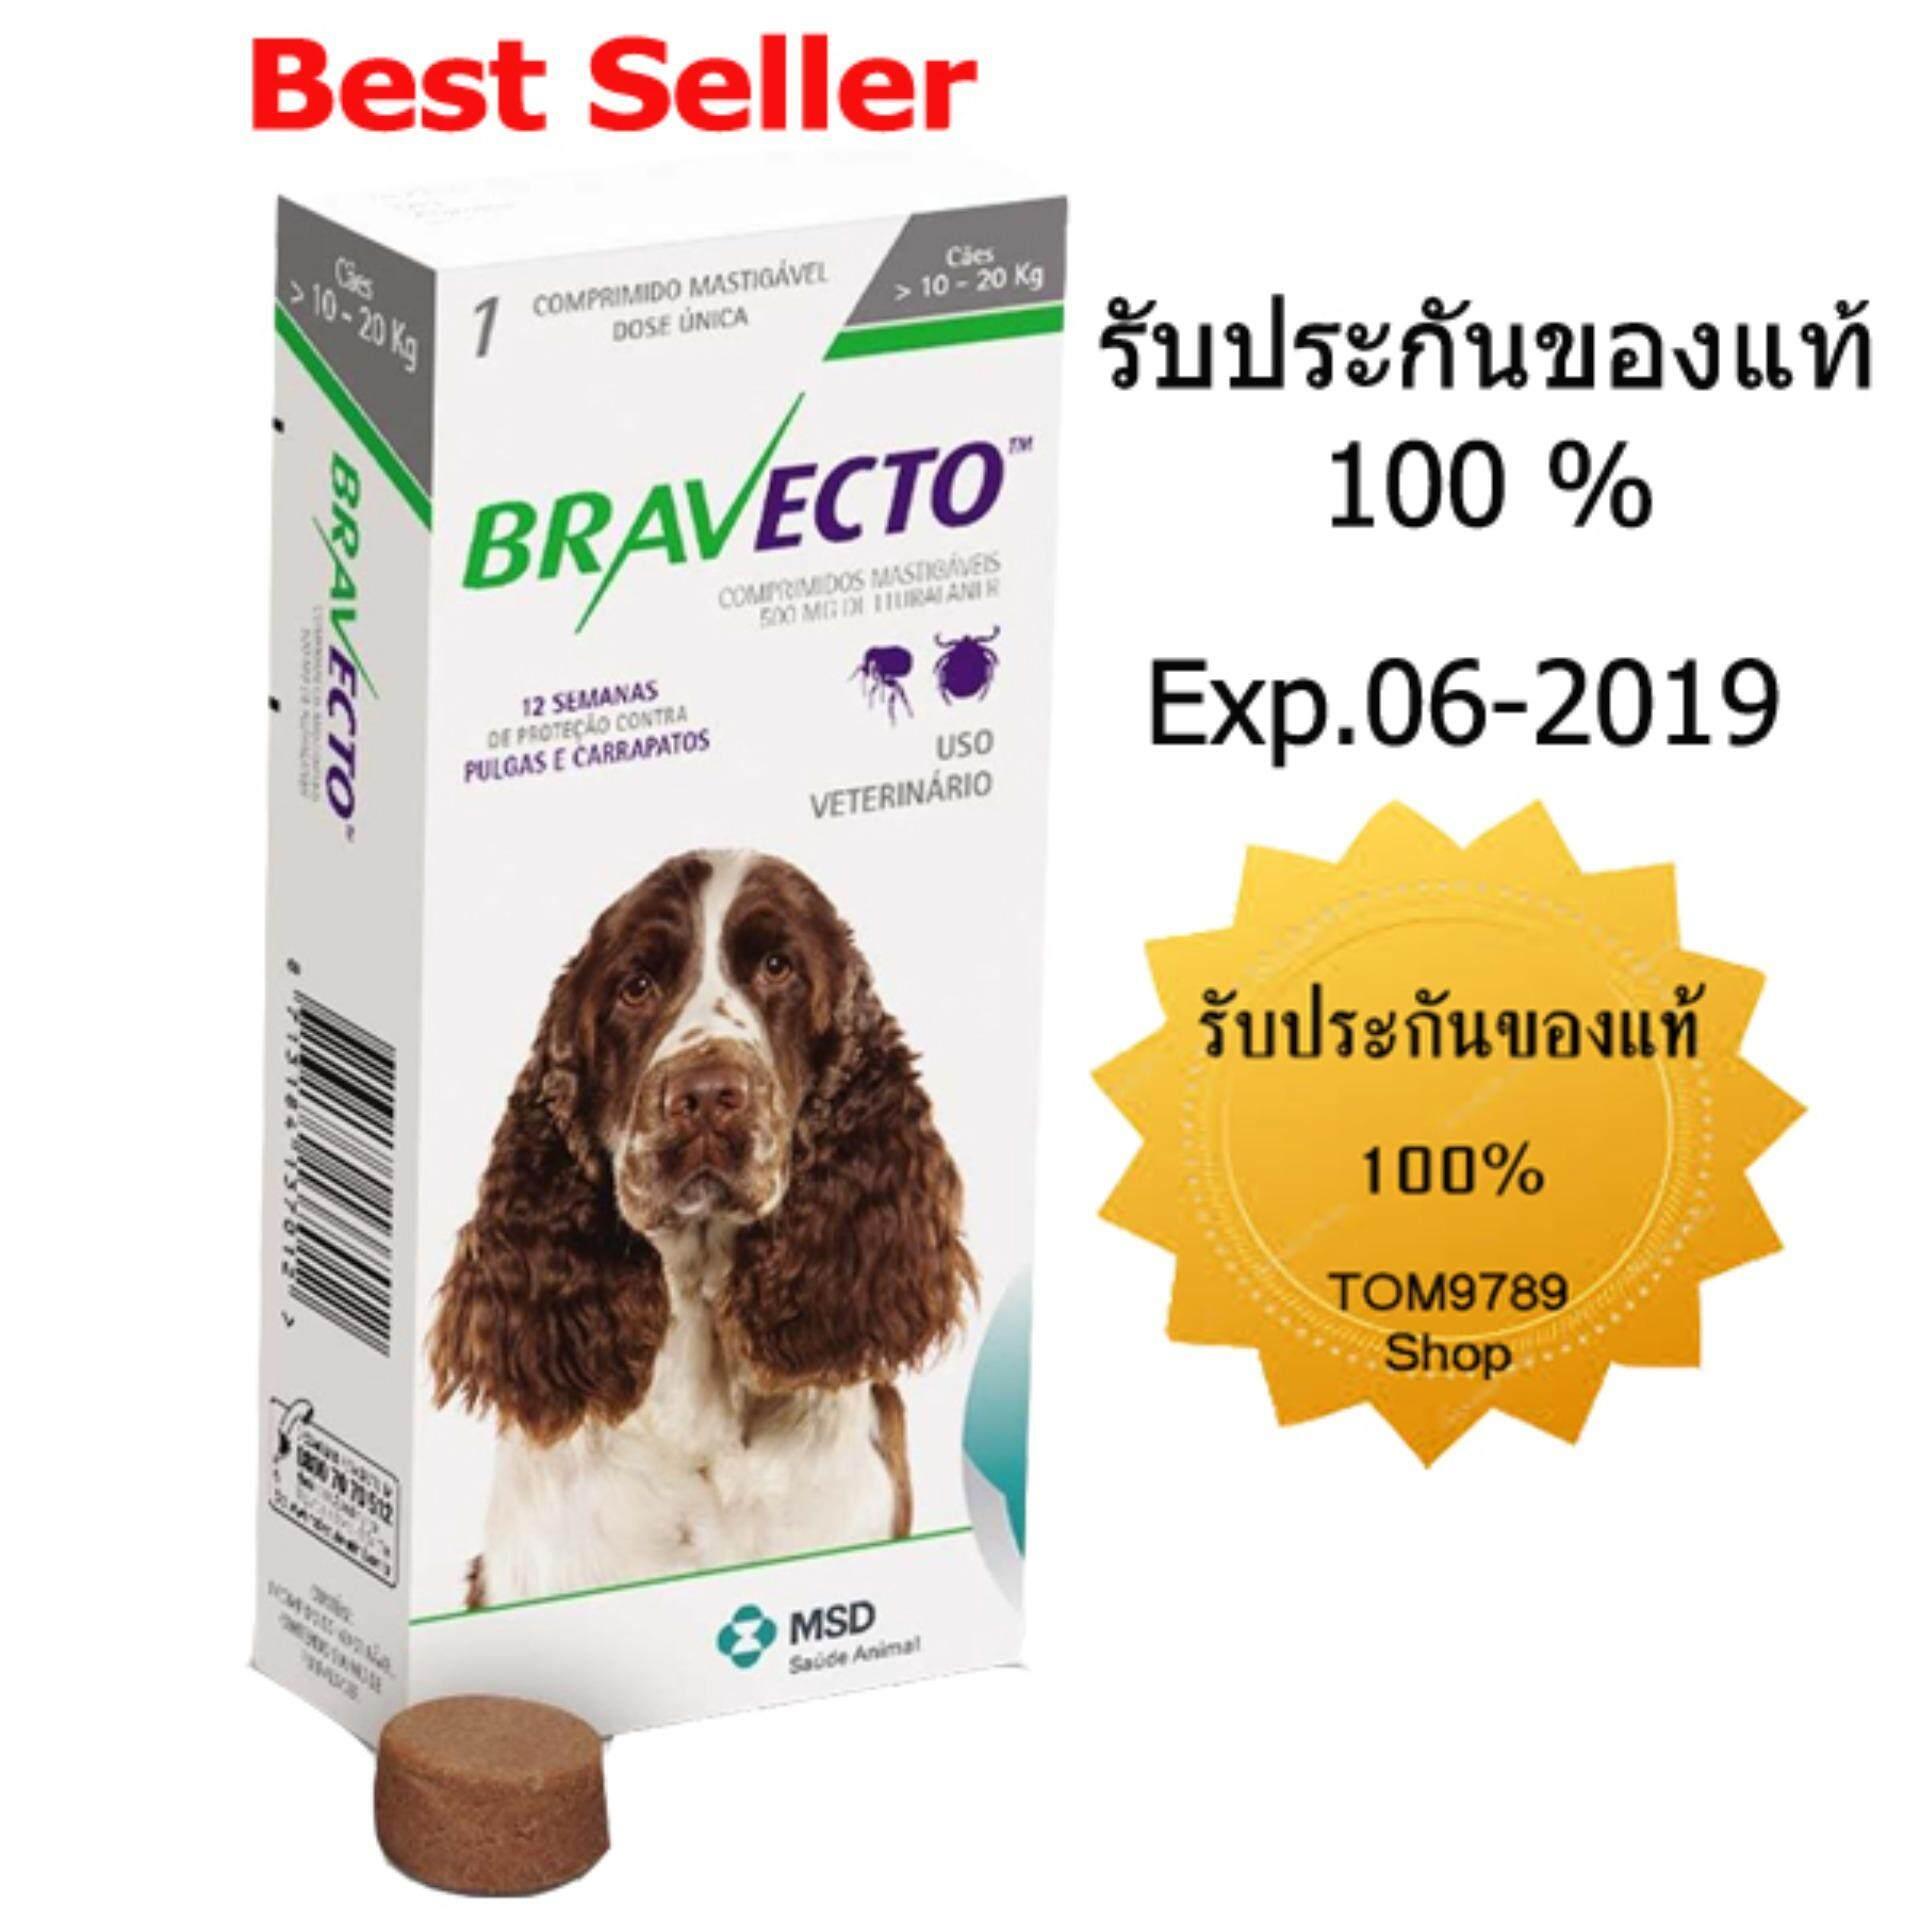 Bravecto บราเว็คโต้ ป้องกันและกำจัดเห็บ หมัดสำหรับสุนัข นน 10 20Kg เป็นต้นฉบับ